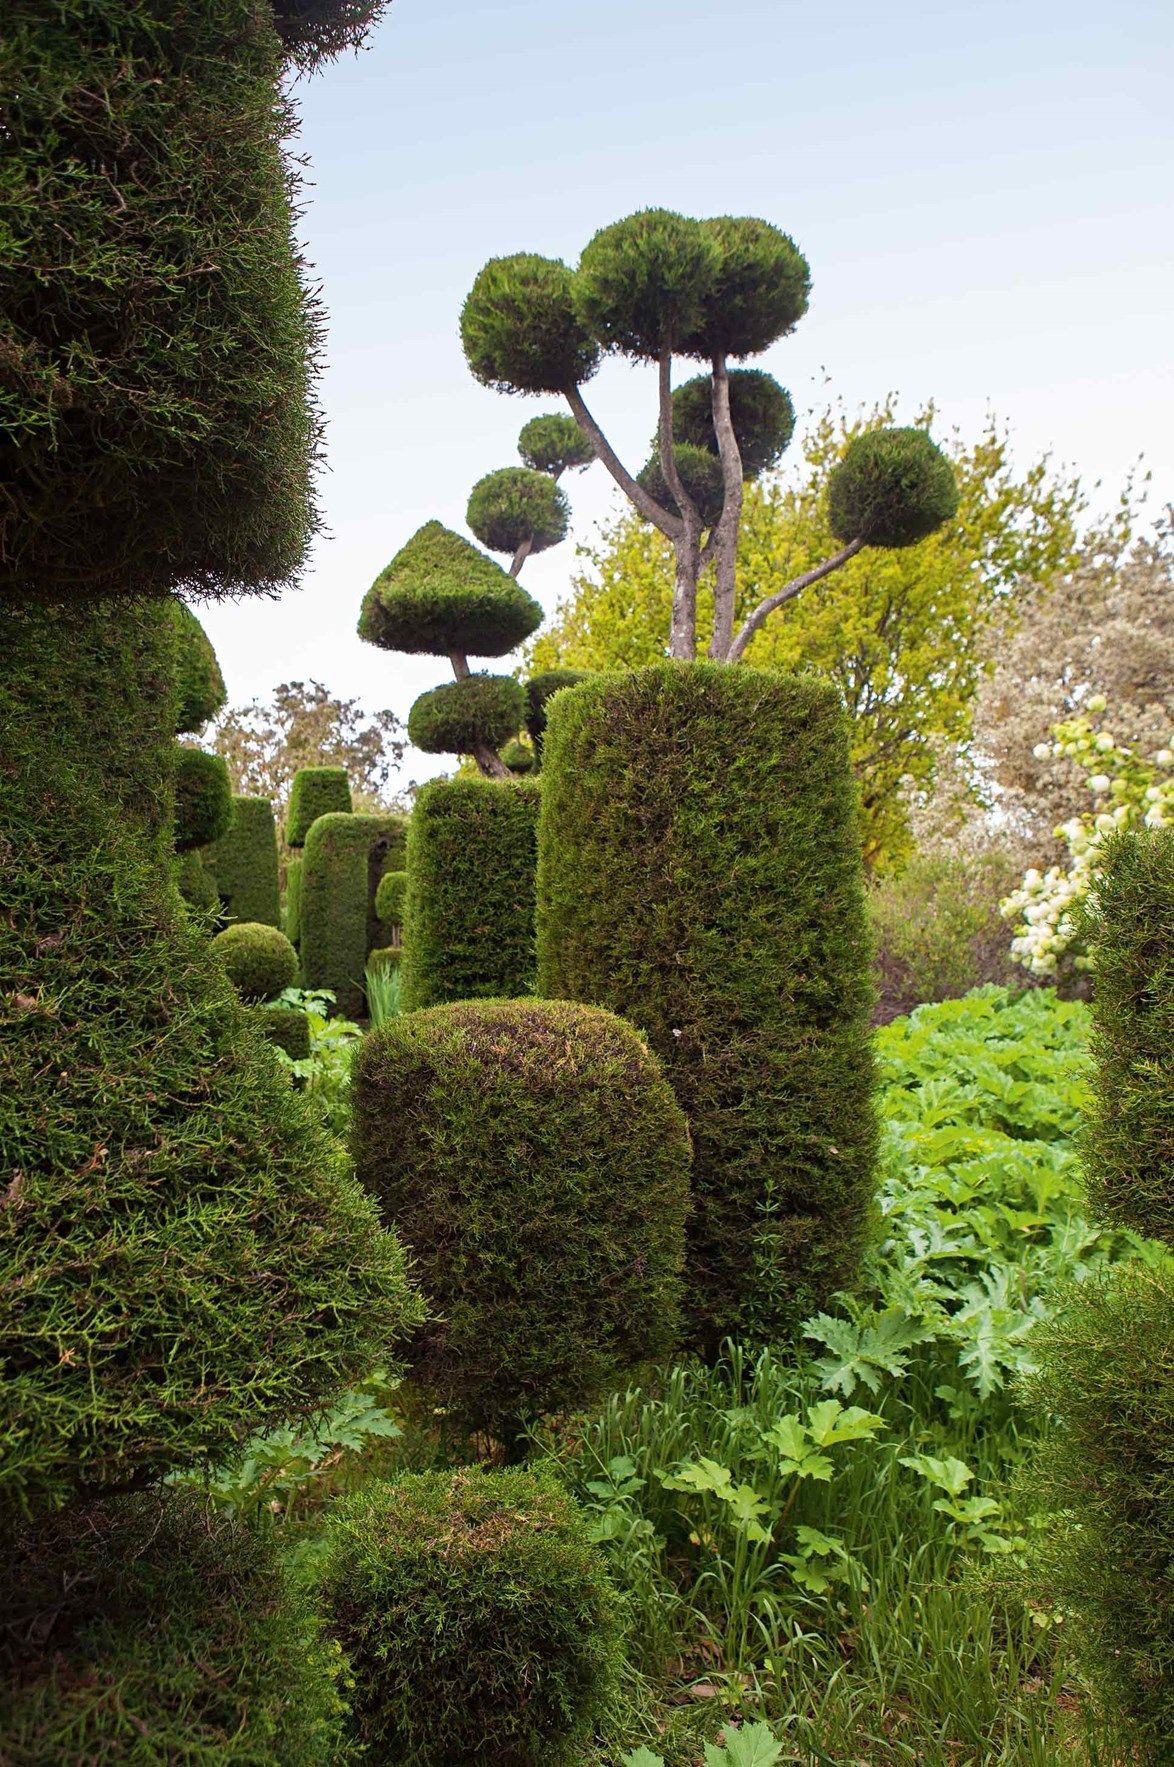 Country garden ideas Australia | Garden ideas australia ...